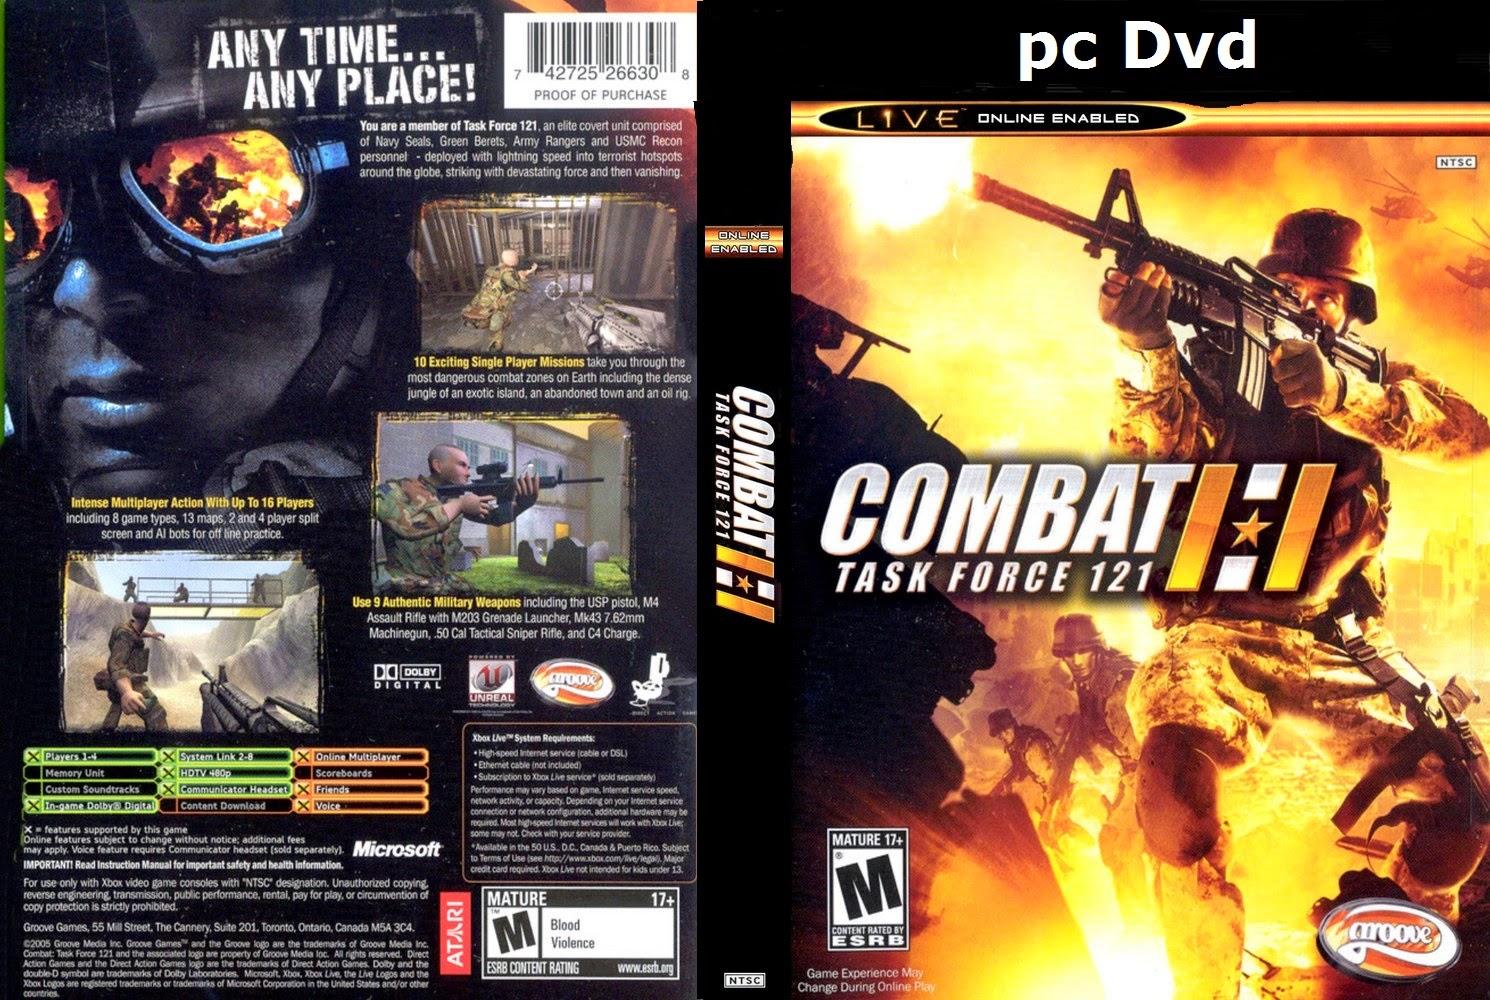 تحميل لعبة Combat Task Force 121 برابط واحد وبدون تثبيت